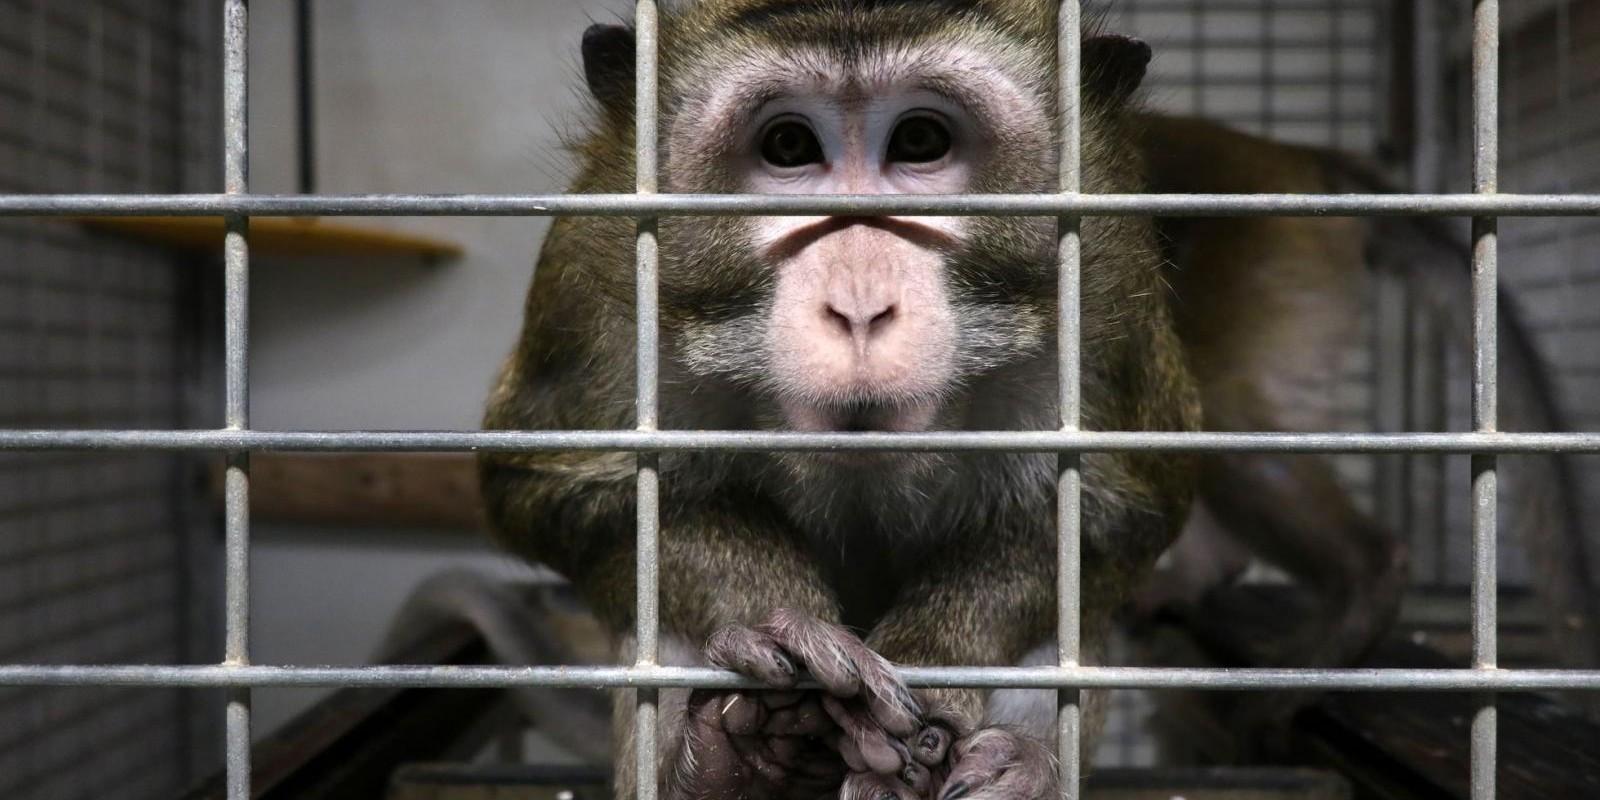 Estamos preocupados com os animais de laboratório?